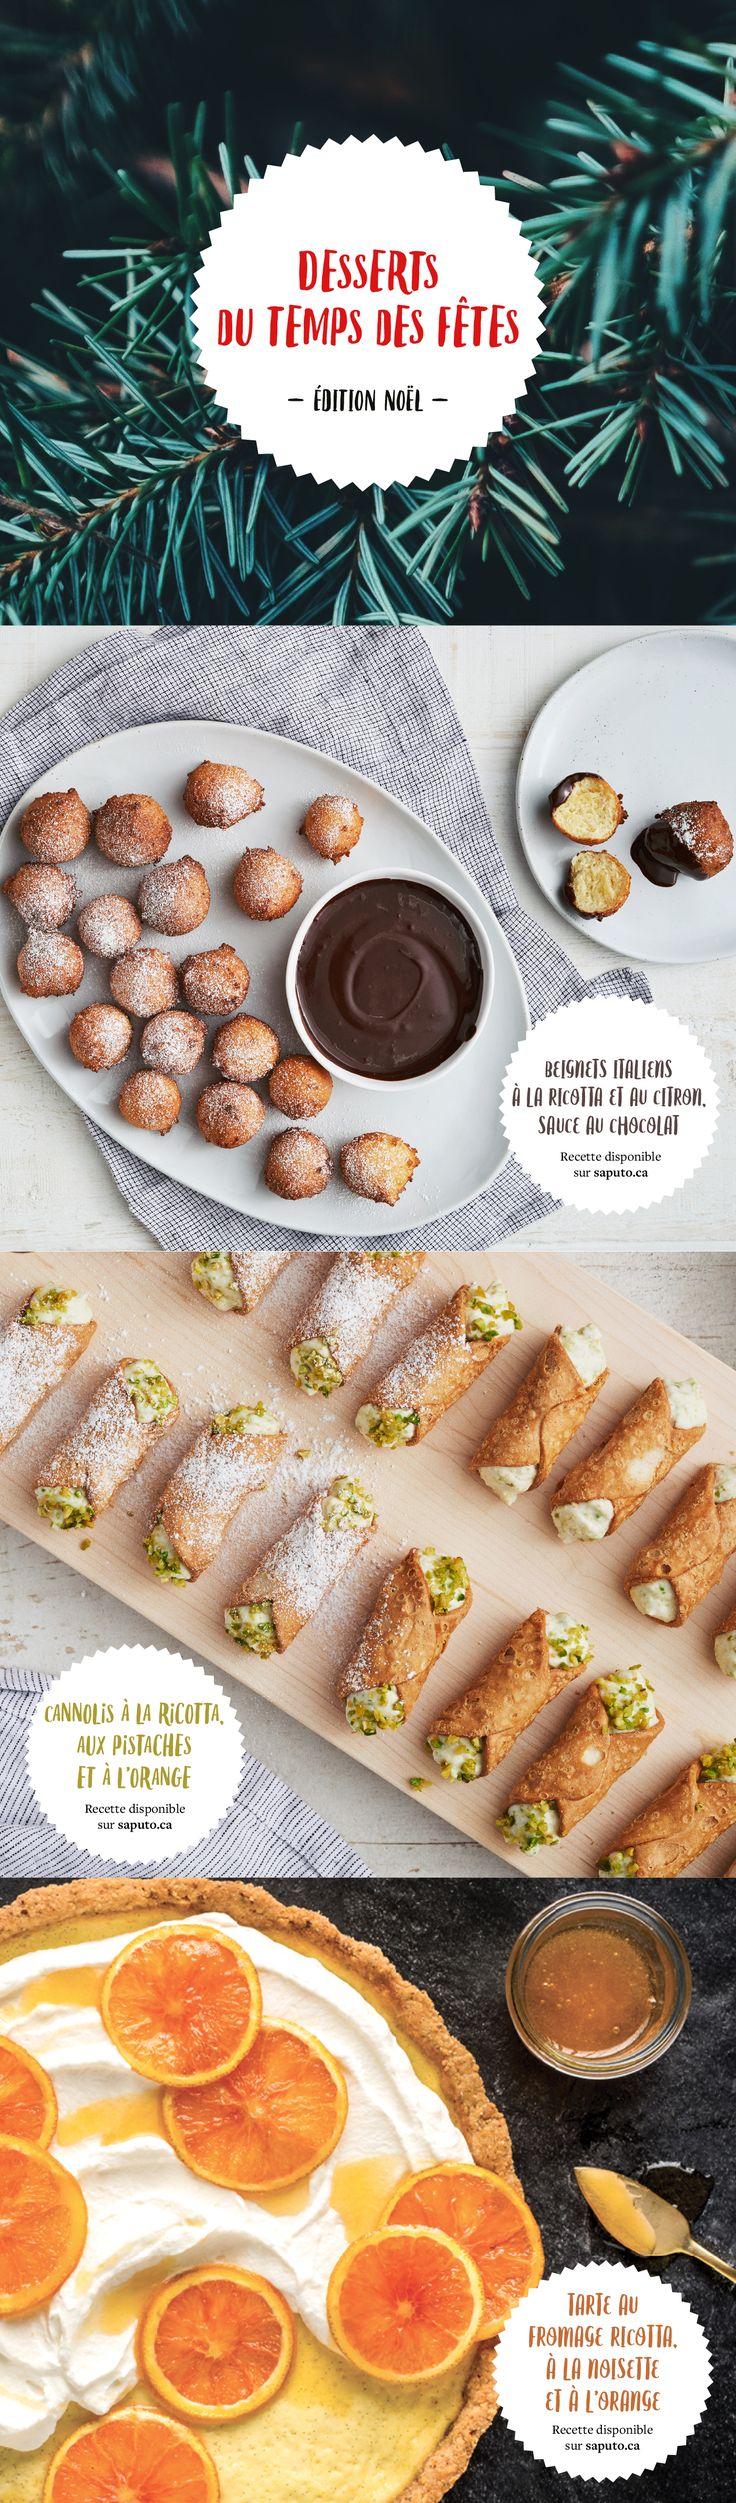 INGRÉDIENTS PAR SAPUTO | Trouvez la touche finale parfaite pour votre repas de Noël grâce à notre sélection de recettes du temps des Fêtes. Gâteaux, biscuits, gelato, beignes, tartes… une foule d'idées vous attend.